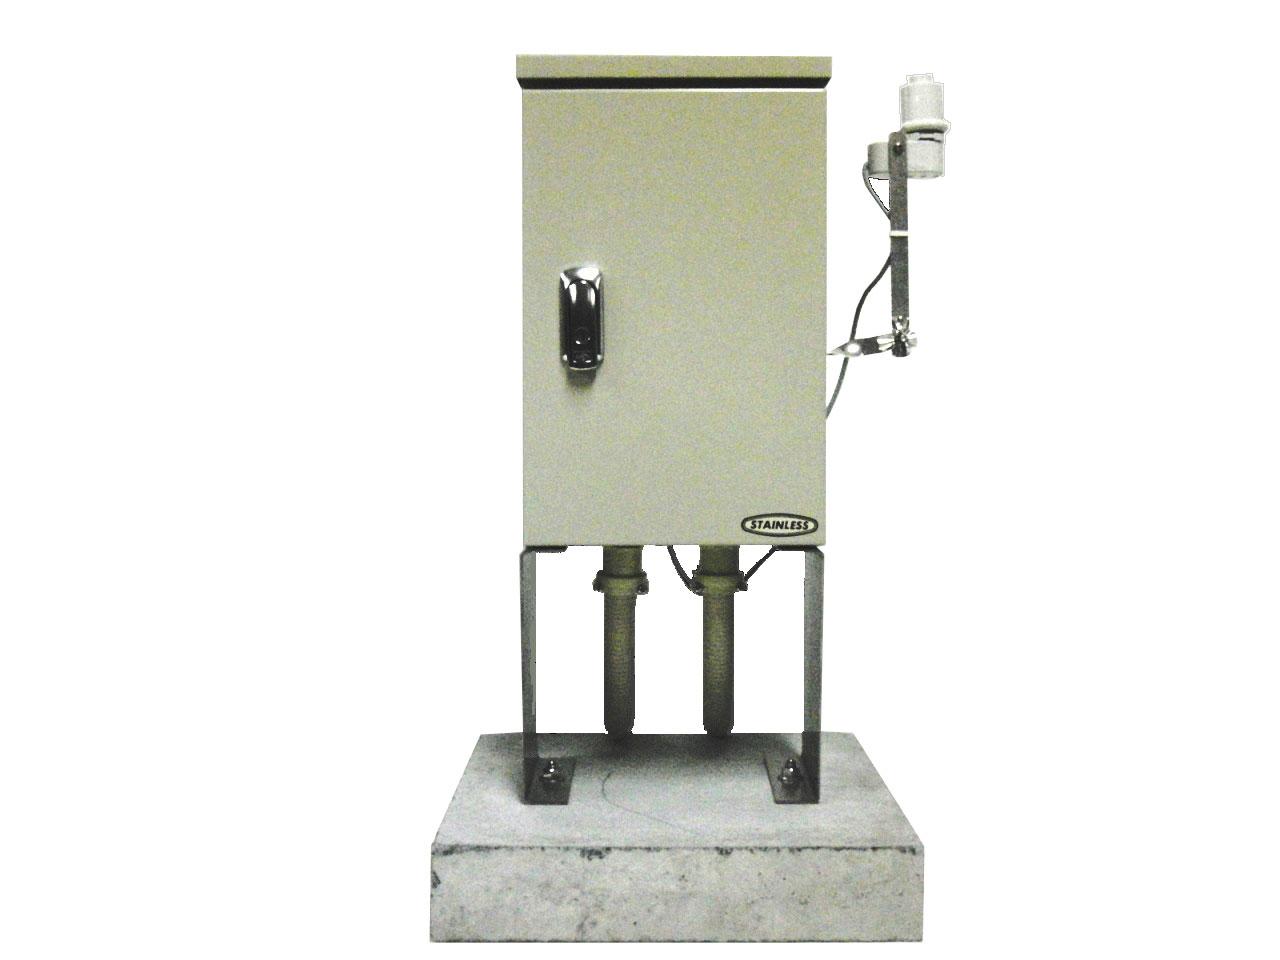 灌水モデル-003